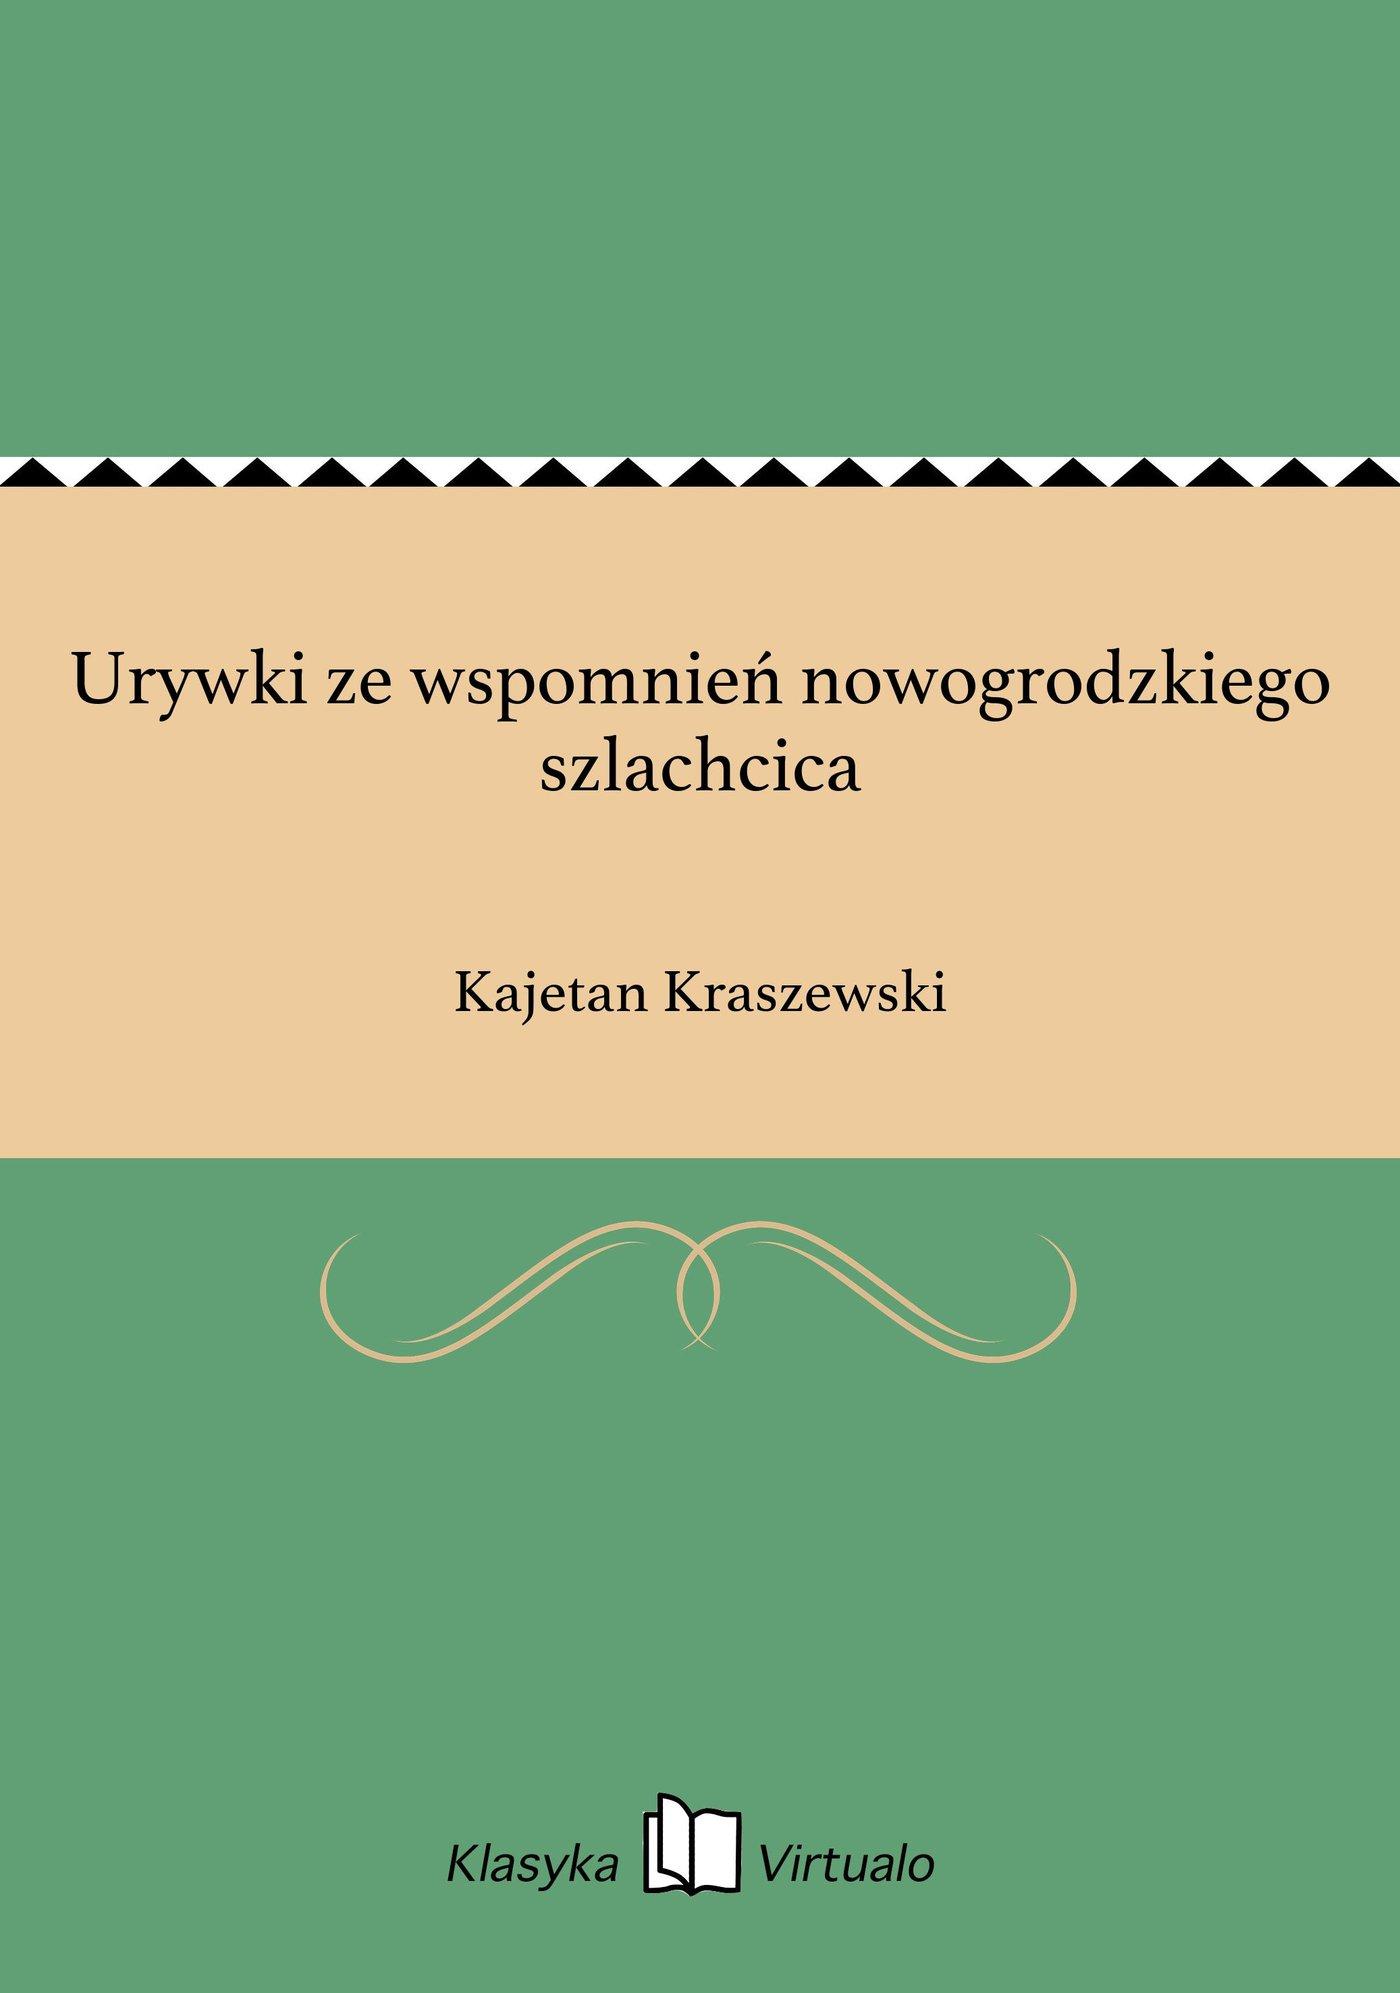 Urywki ze wspomnień nowogrodzkiego szlachcica - Ebook (Książka na Kindle) do pobrania w formacie MOBI